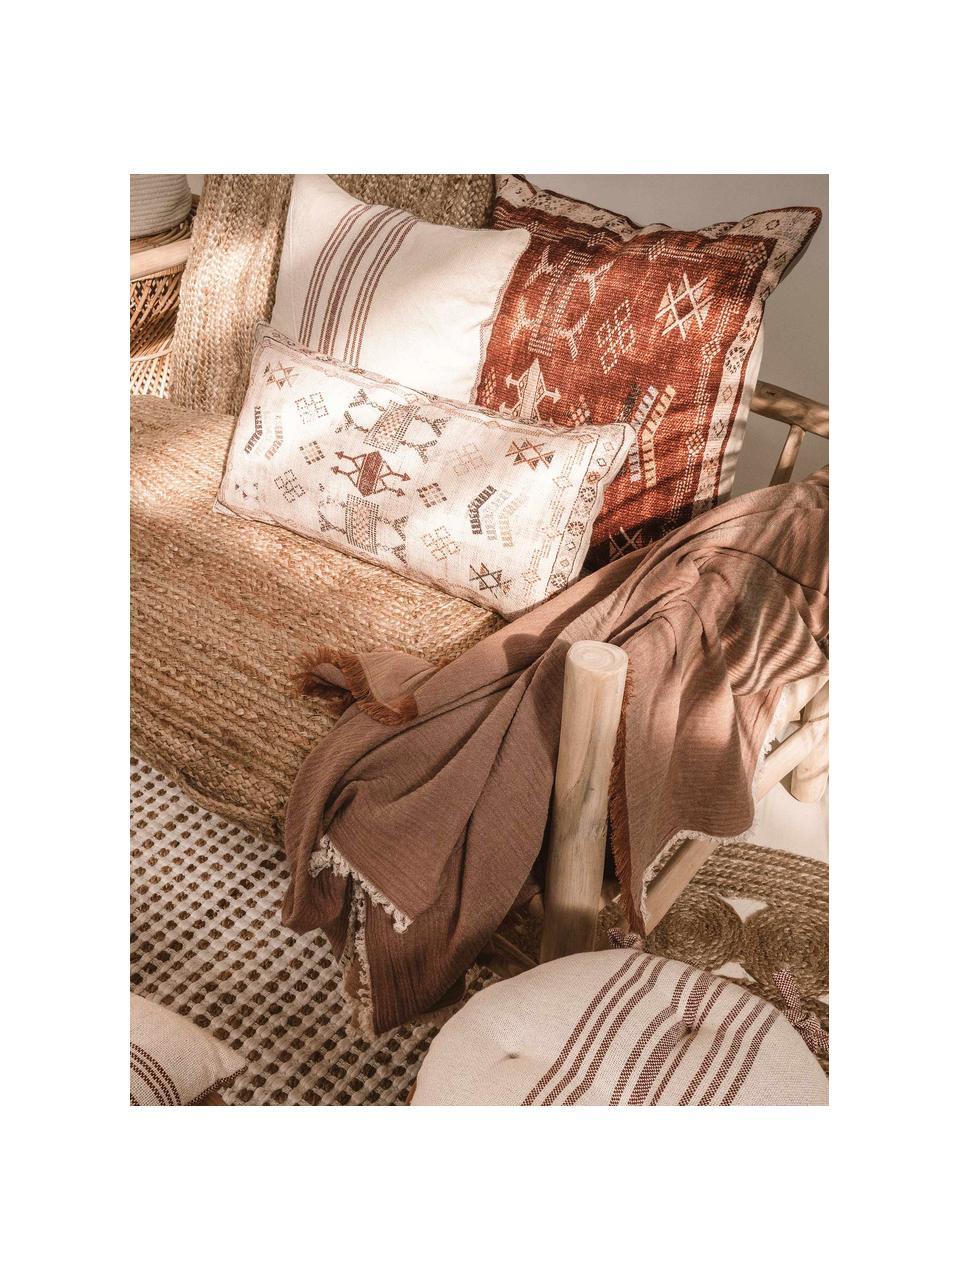 Poszewka na poduszkę Tanger, 100% bawełna, Beżowy, odcienie czerwonego, S 30 x D 60 cm